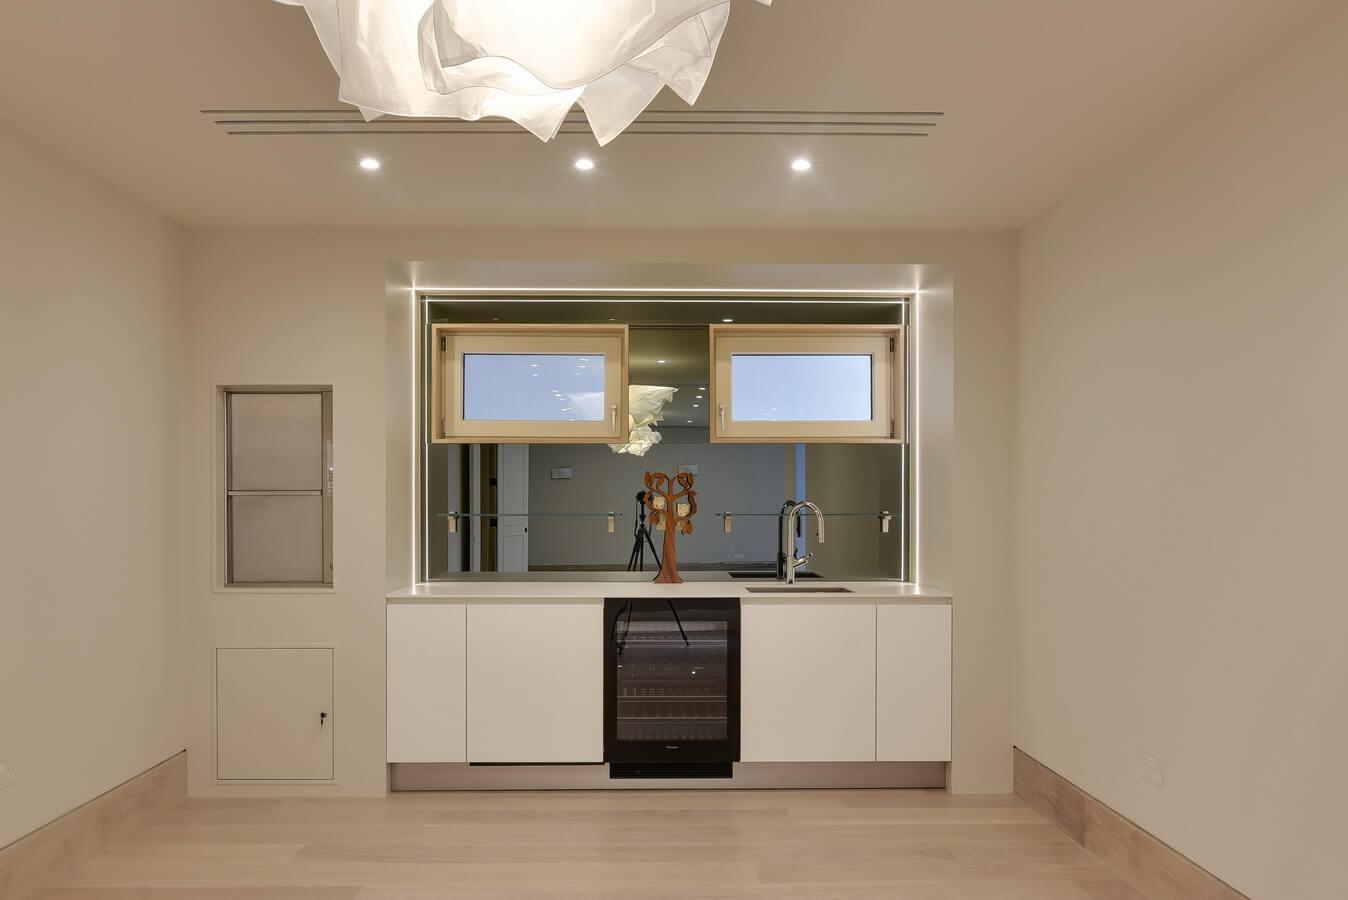 small-lounge-kitchen-london.jpg